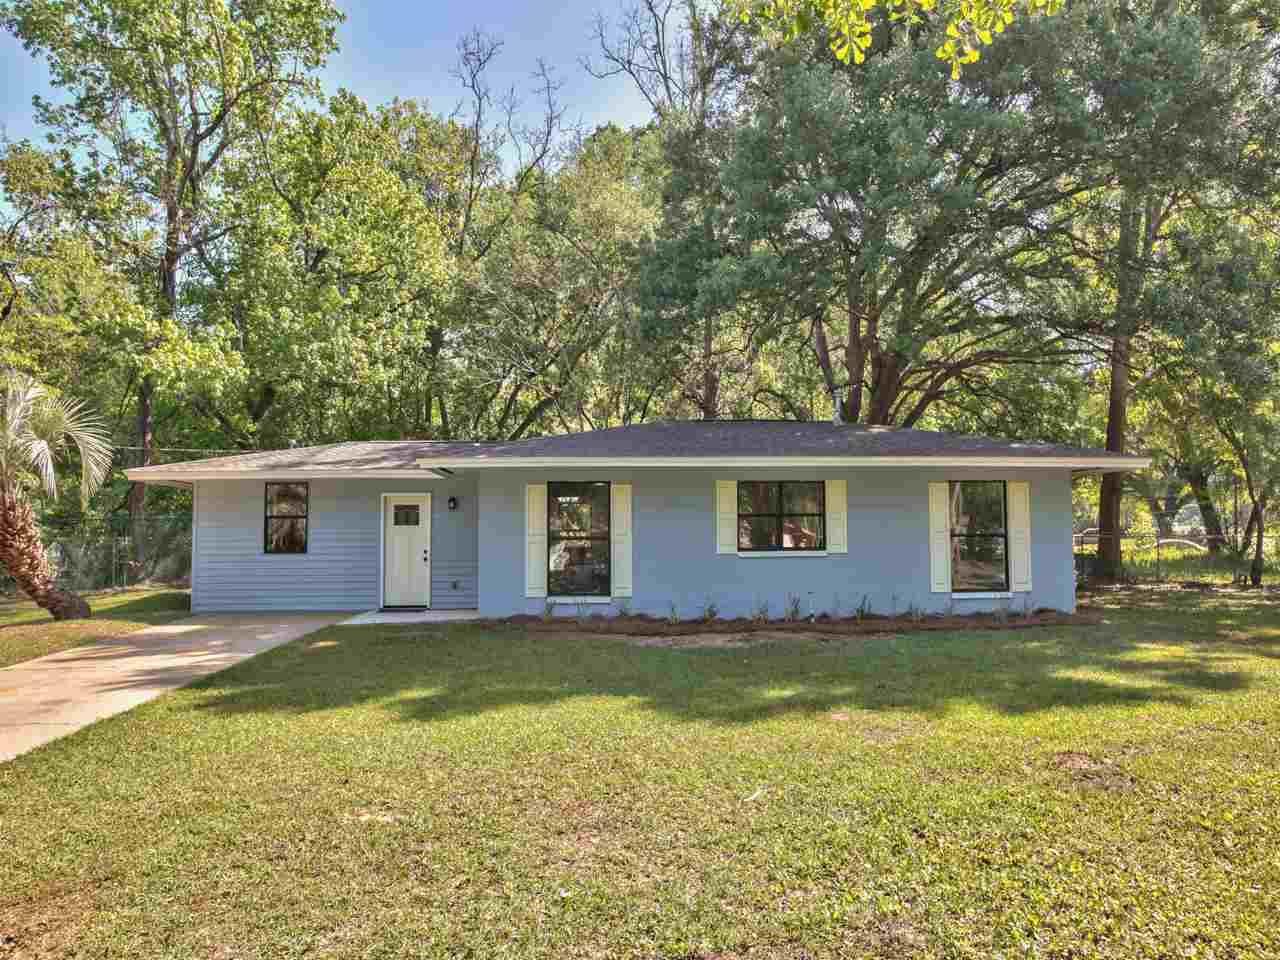 2905 Harwood, Tallahassee, FL 32301 - MLS#: 330636